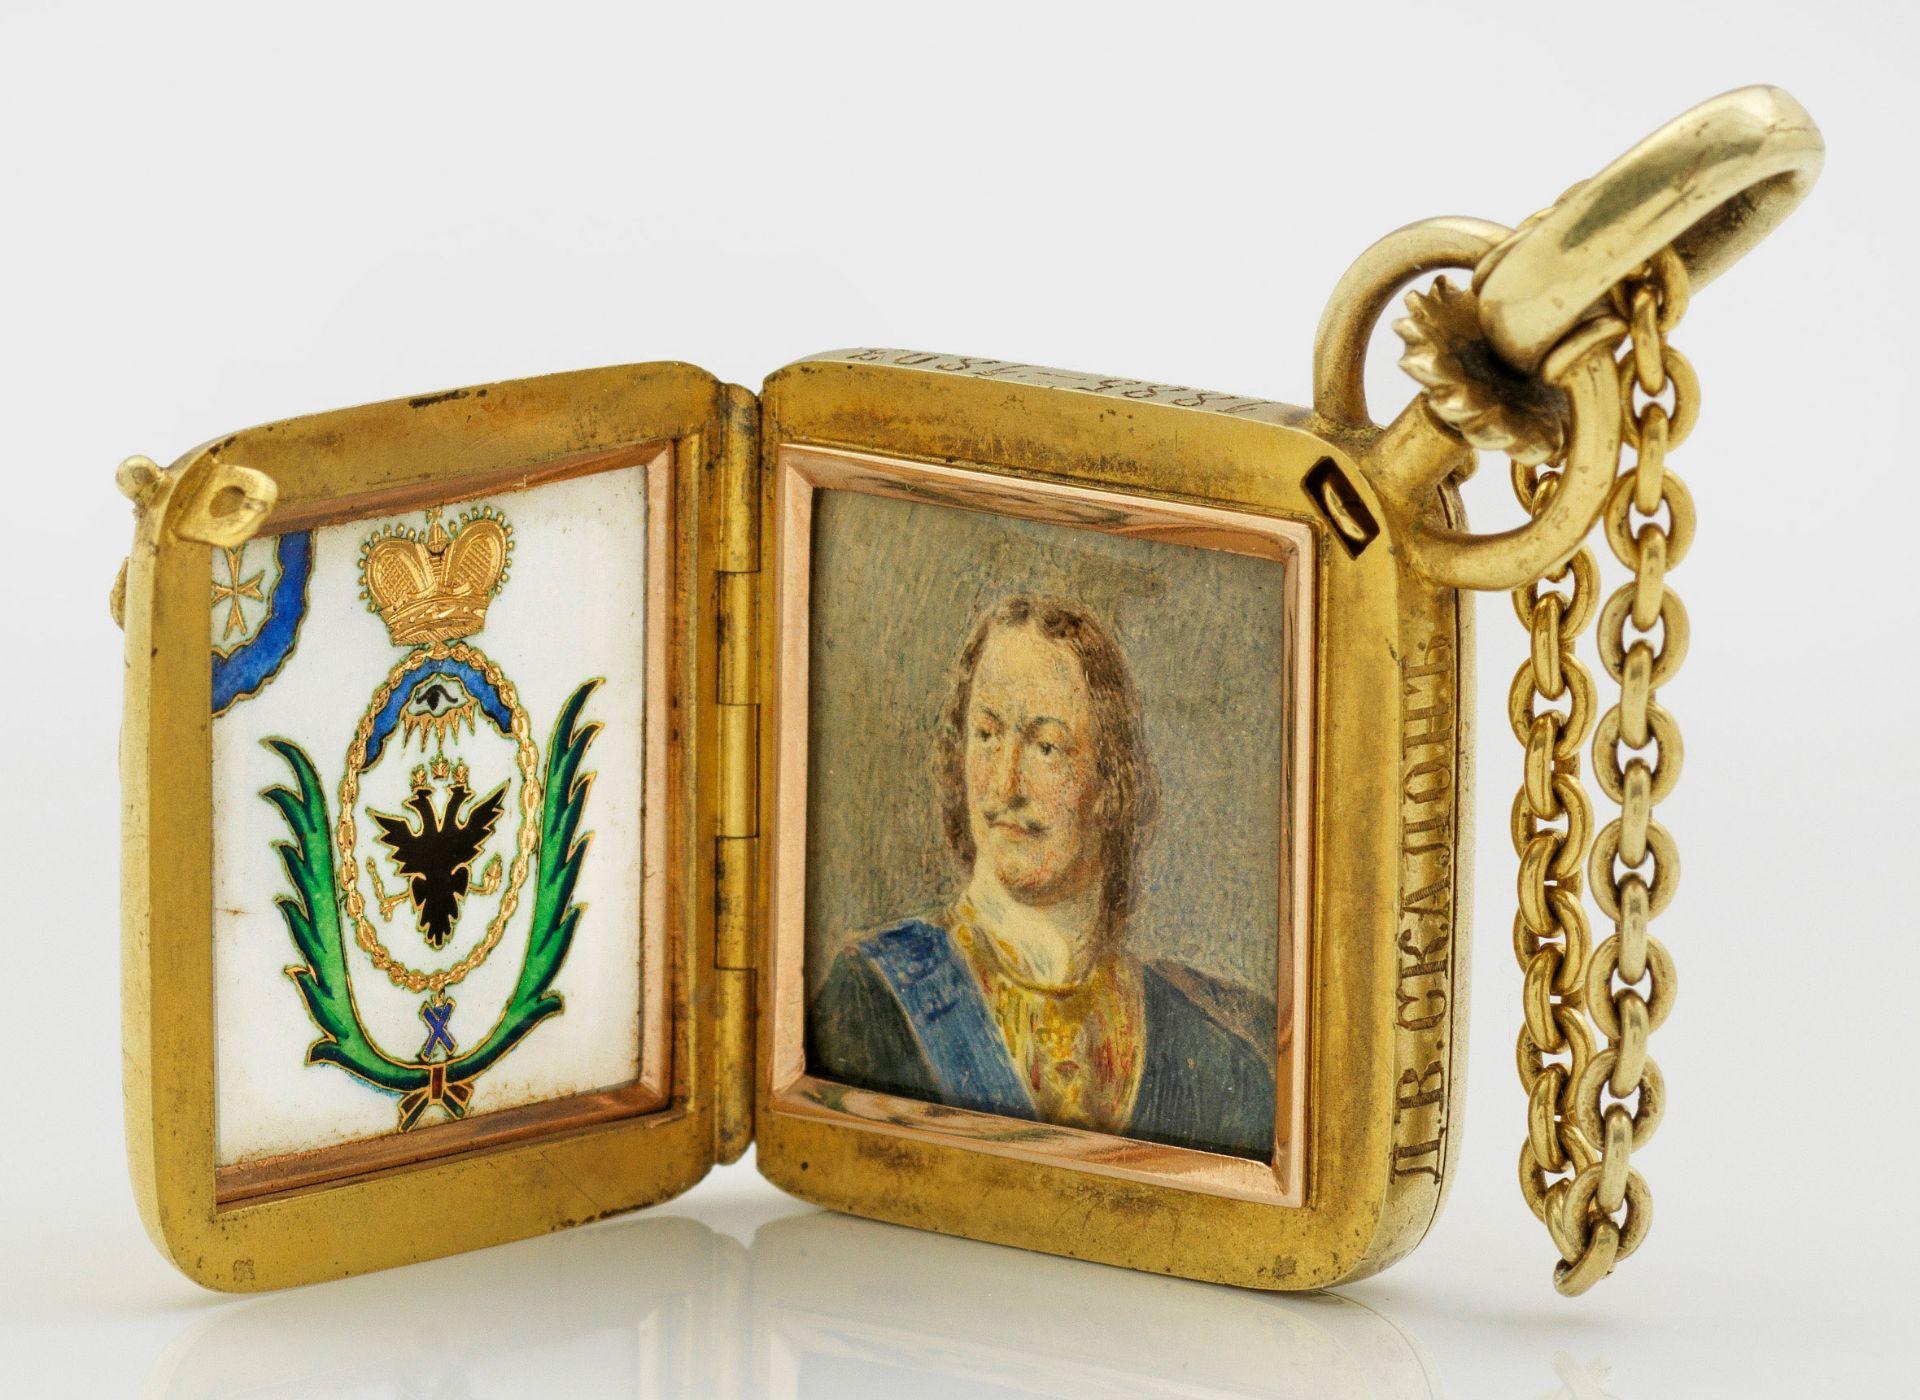 Dreiflügeliges Ehrenmedaillon eines russischen Generals - Bild 3 aus 4